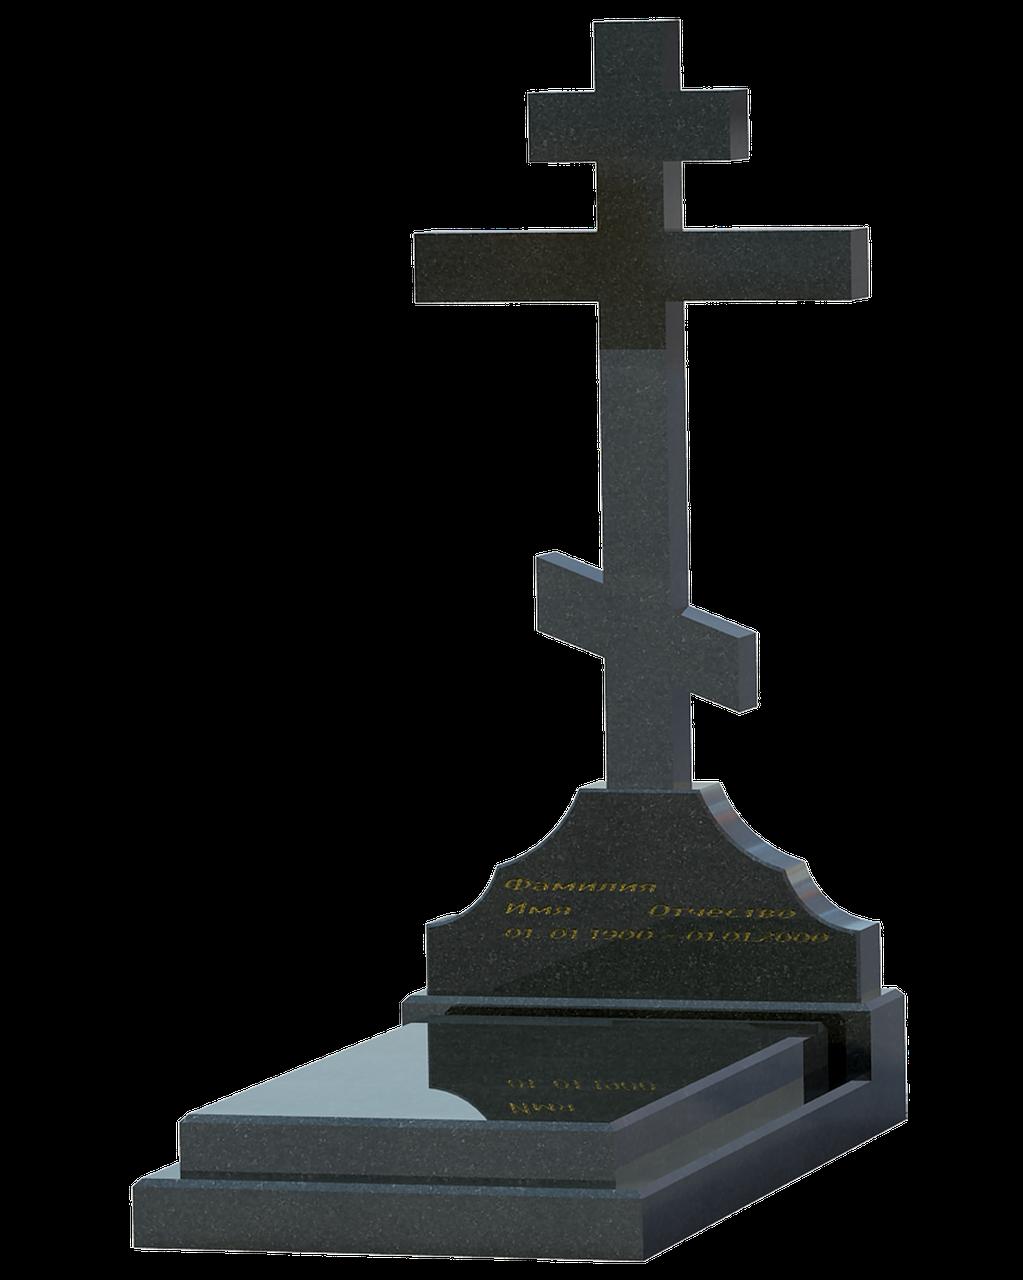 компании надгробные кресты из гранита фото часто